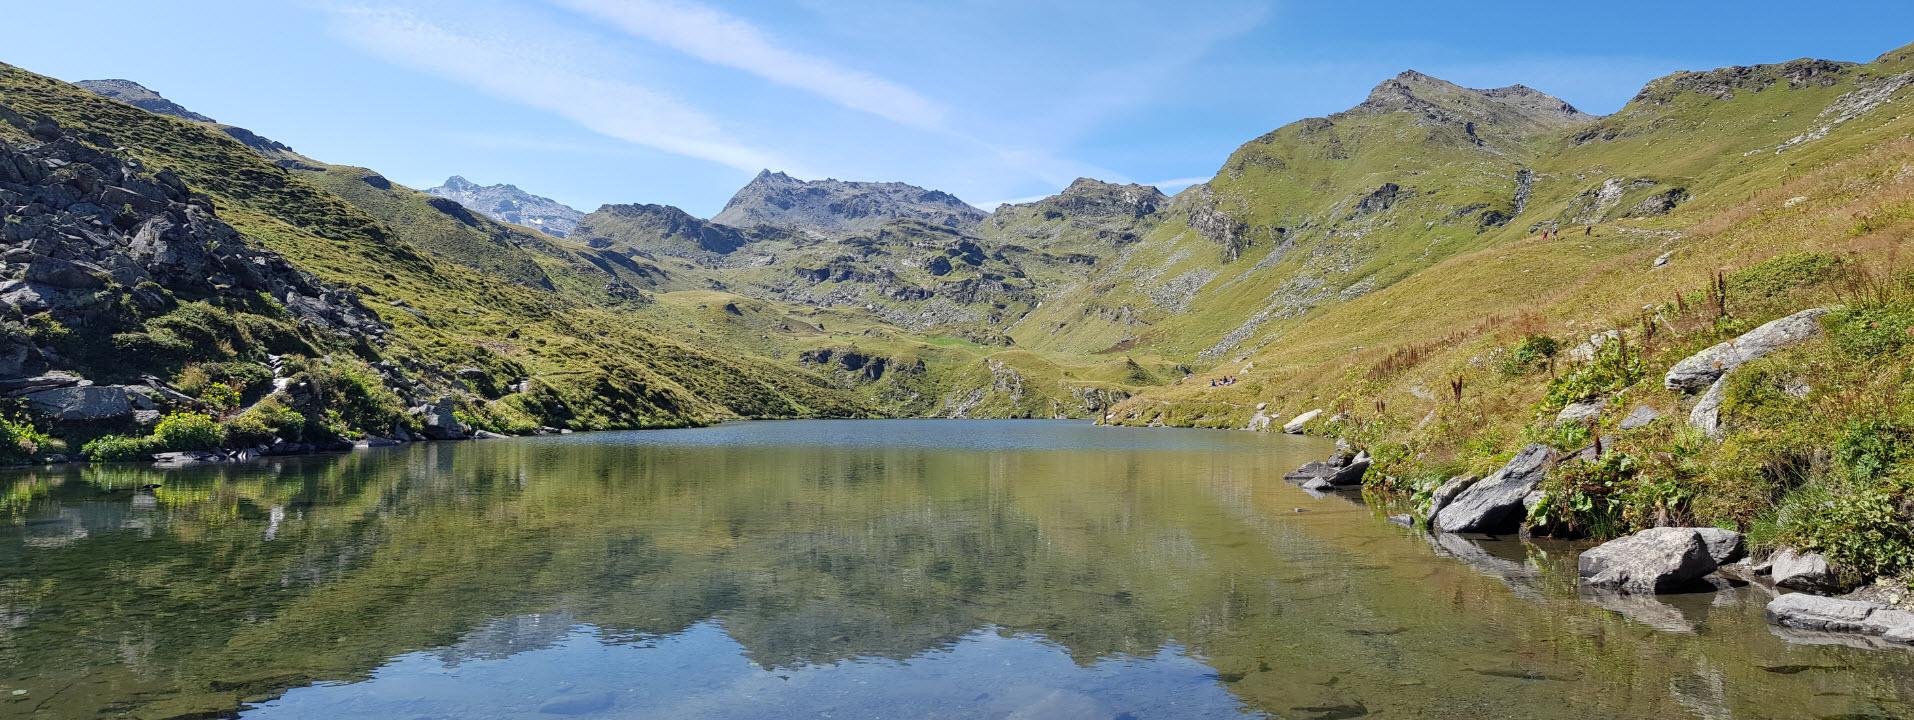 Lac massif de la Vanoise